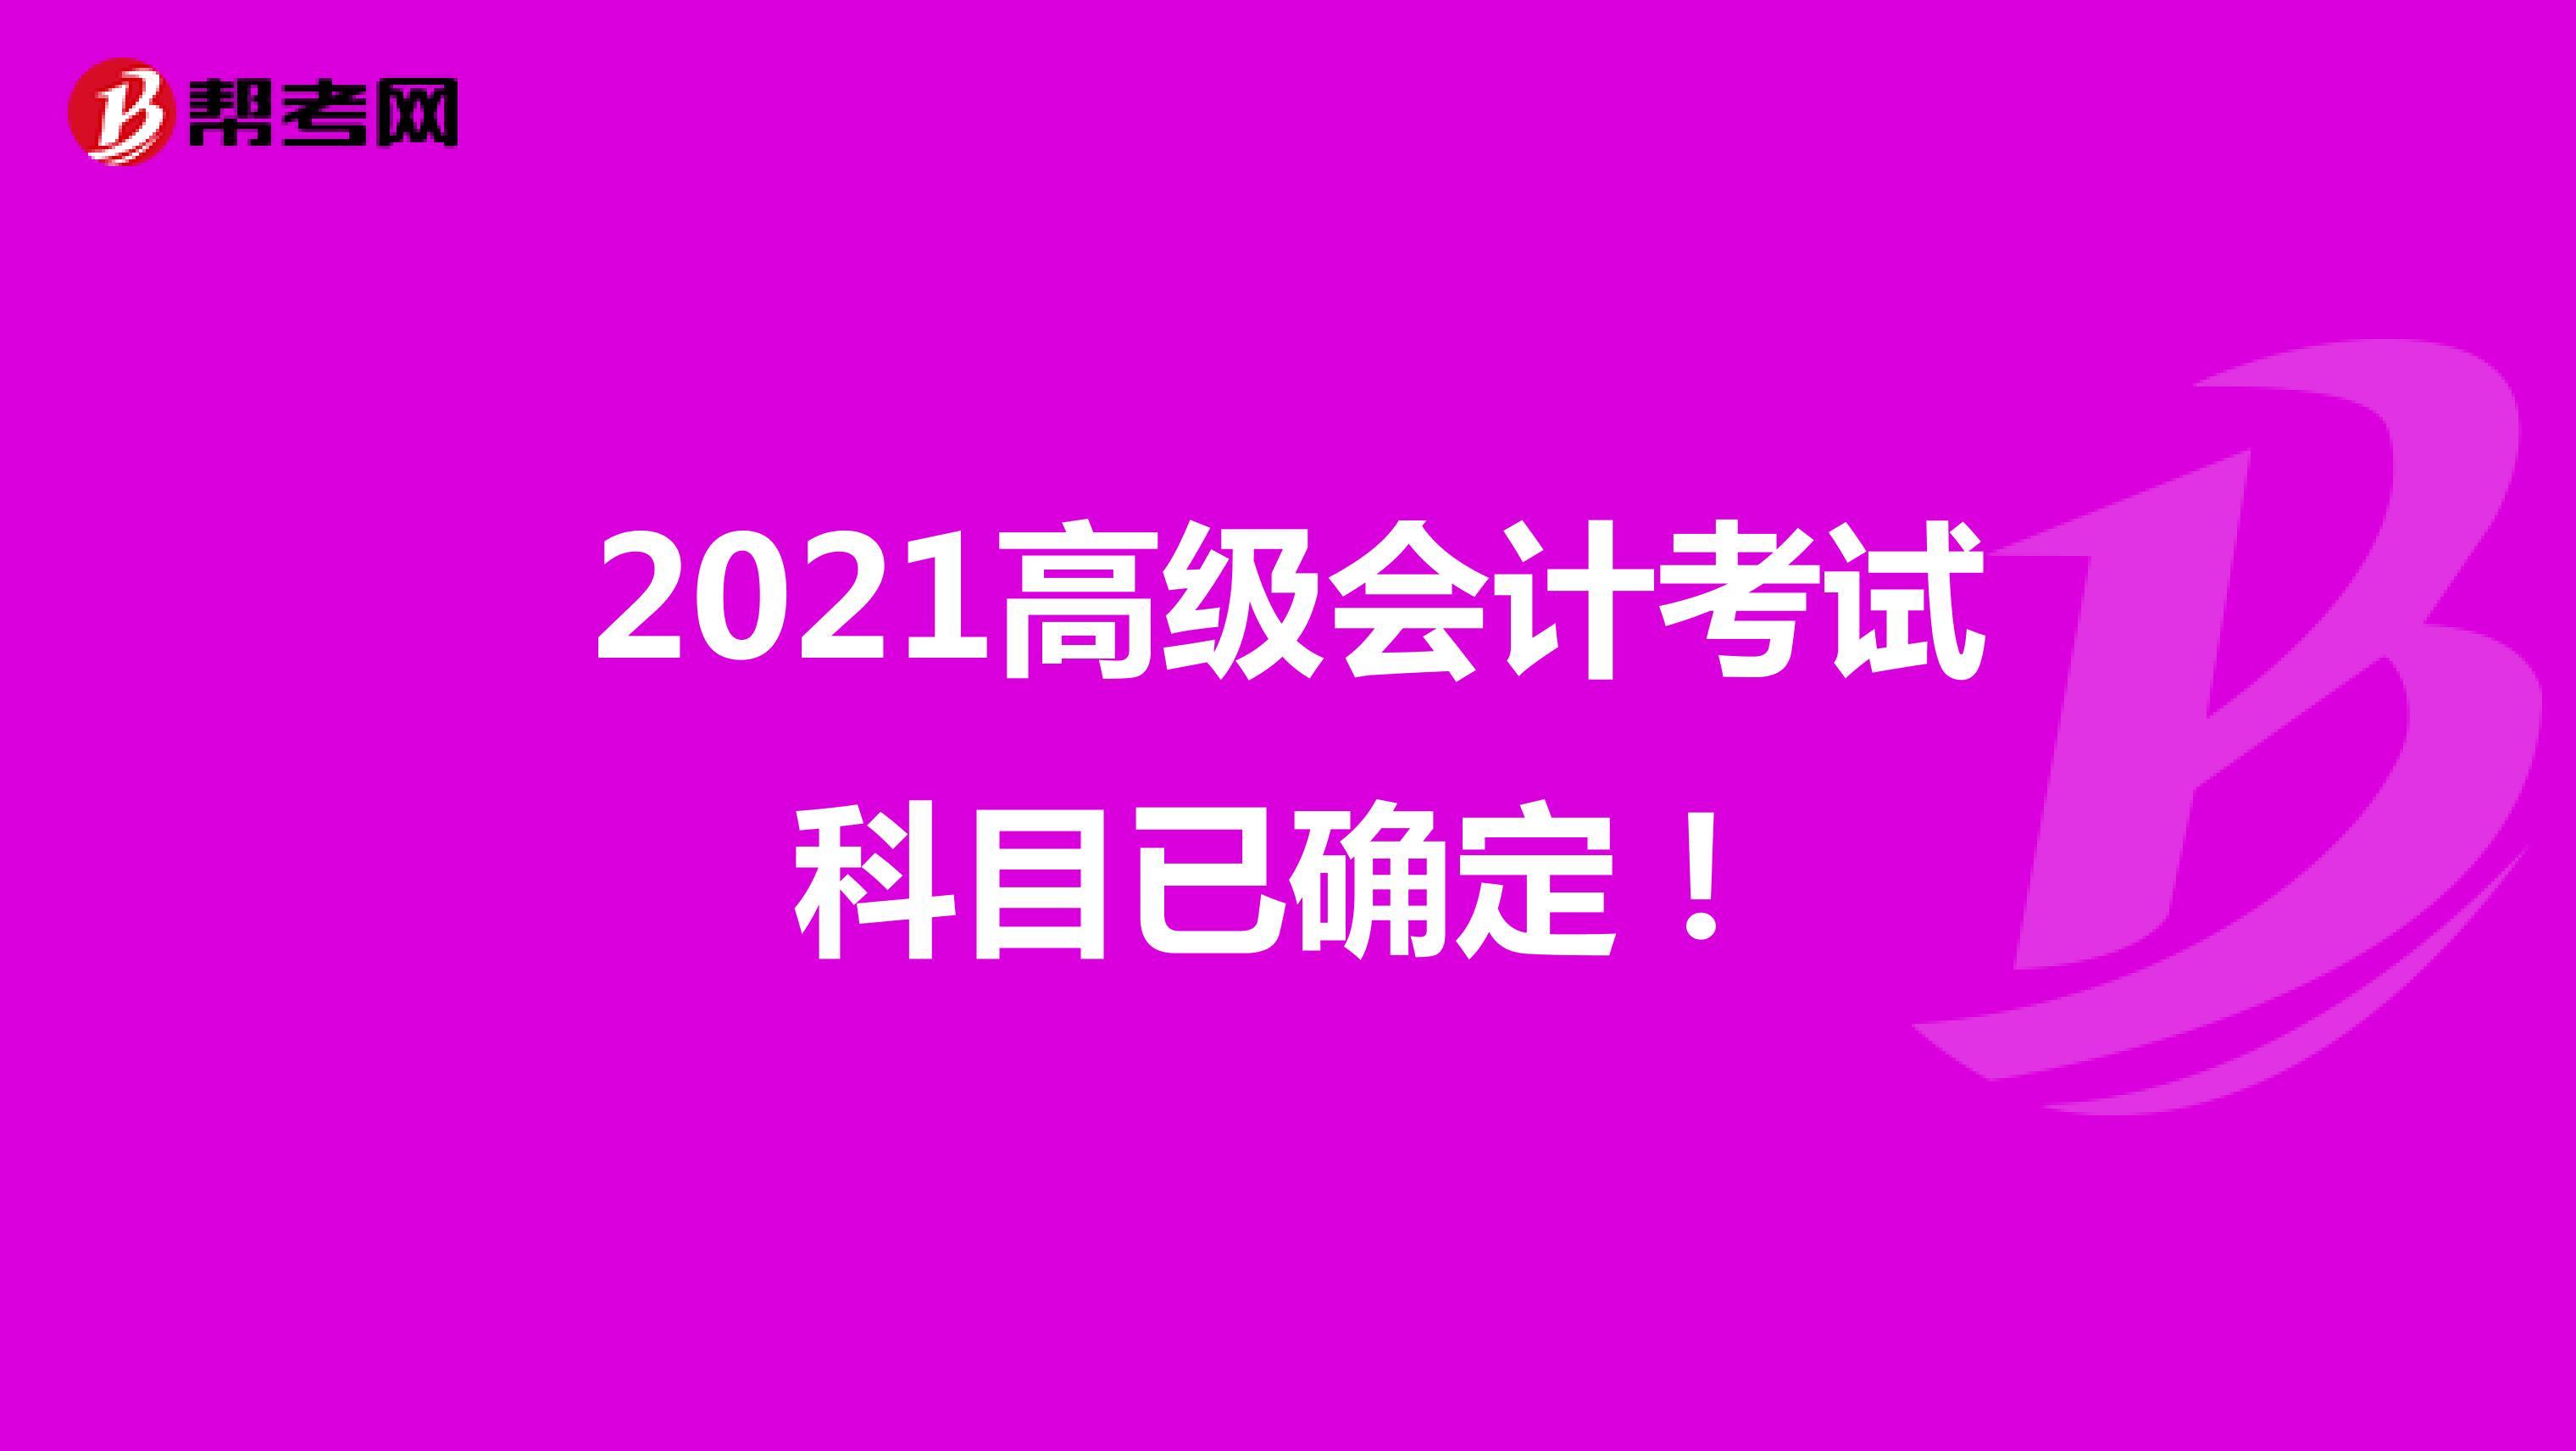 2021高级会计考试科目已确定!